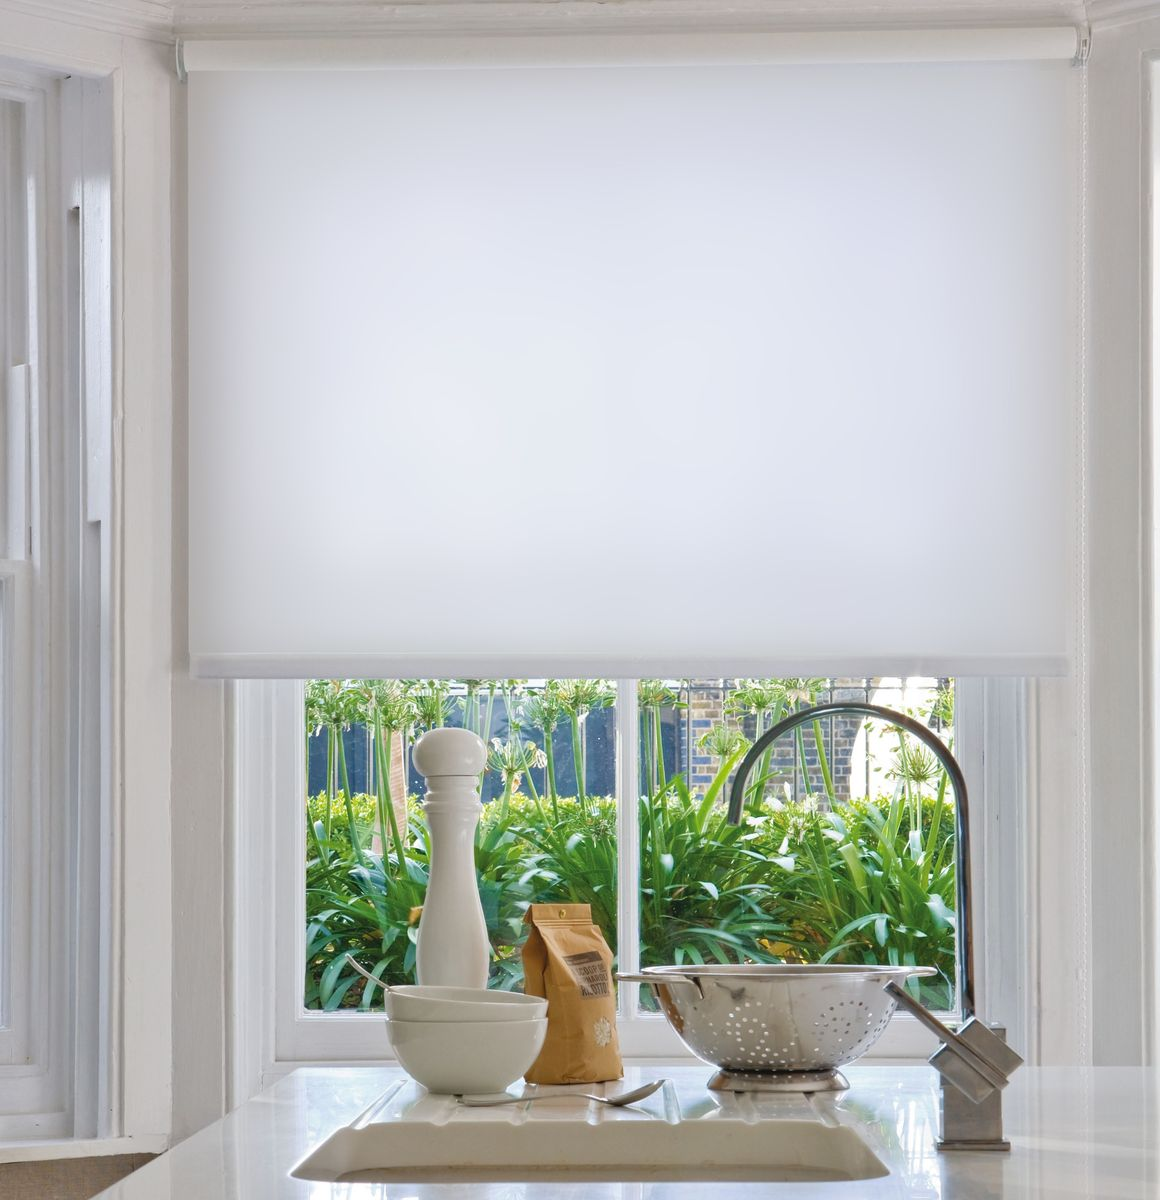 Штора рулонная Эскар Миниролло, цвет: белый, ширина 48 см, высота 170 см31008048170Рулонными шторами можно оформлять окна как самостоятельно, так и использовать в комбинации с портьерами. Это поможет предотвратить выгорание дорогой ткани на солнце и соединит функционал рулонных с красотой навесных. Преимущества применения рулонных штор для пластиковых окон: - имеют прекрасный внешний вид: многообразие и фактурность материала изделия отлично смотрятся в любом интерьере;- многофункциональны: есть возможность подобрать шторы способные эффективно защитить комнату от солнца, при этом она не будет слишком темной. - Есть возможность осуществить быстрый монтаж.ВНИМАНИЕ! Размеры ширины изделия указаны по ширине ткани! Во время эксплуатации не рекомендуется полностью разматывать рулон, чтобы не оторвать ткань от намоточного вала. В случае загрязнения поверхности ткани, чистку шторы проводят одним из способов, в зависимости от типа загрязнения:легкое поверхностное загрязнение можно удалить при помощи канцелярского ластика;чистка от пыли производится сухим методом при помощи пылесоса с мягкой щеткой-насадкой;для удаления пятна используйте мягкую губку с пенообразующим неагрессивным моющим средством или пятновыводитель на натуральной основе (нельзя применять растворители).